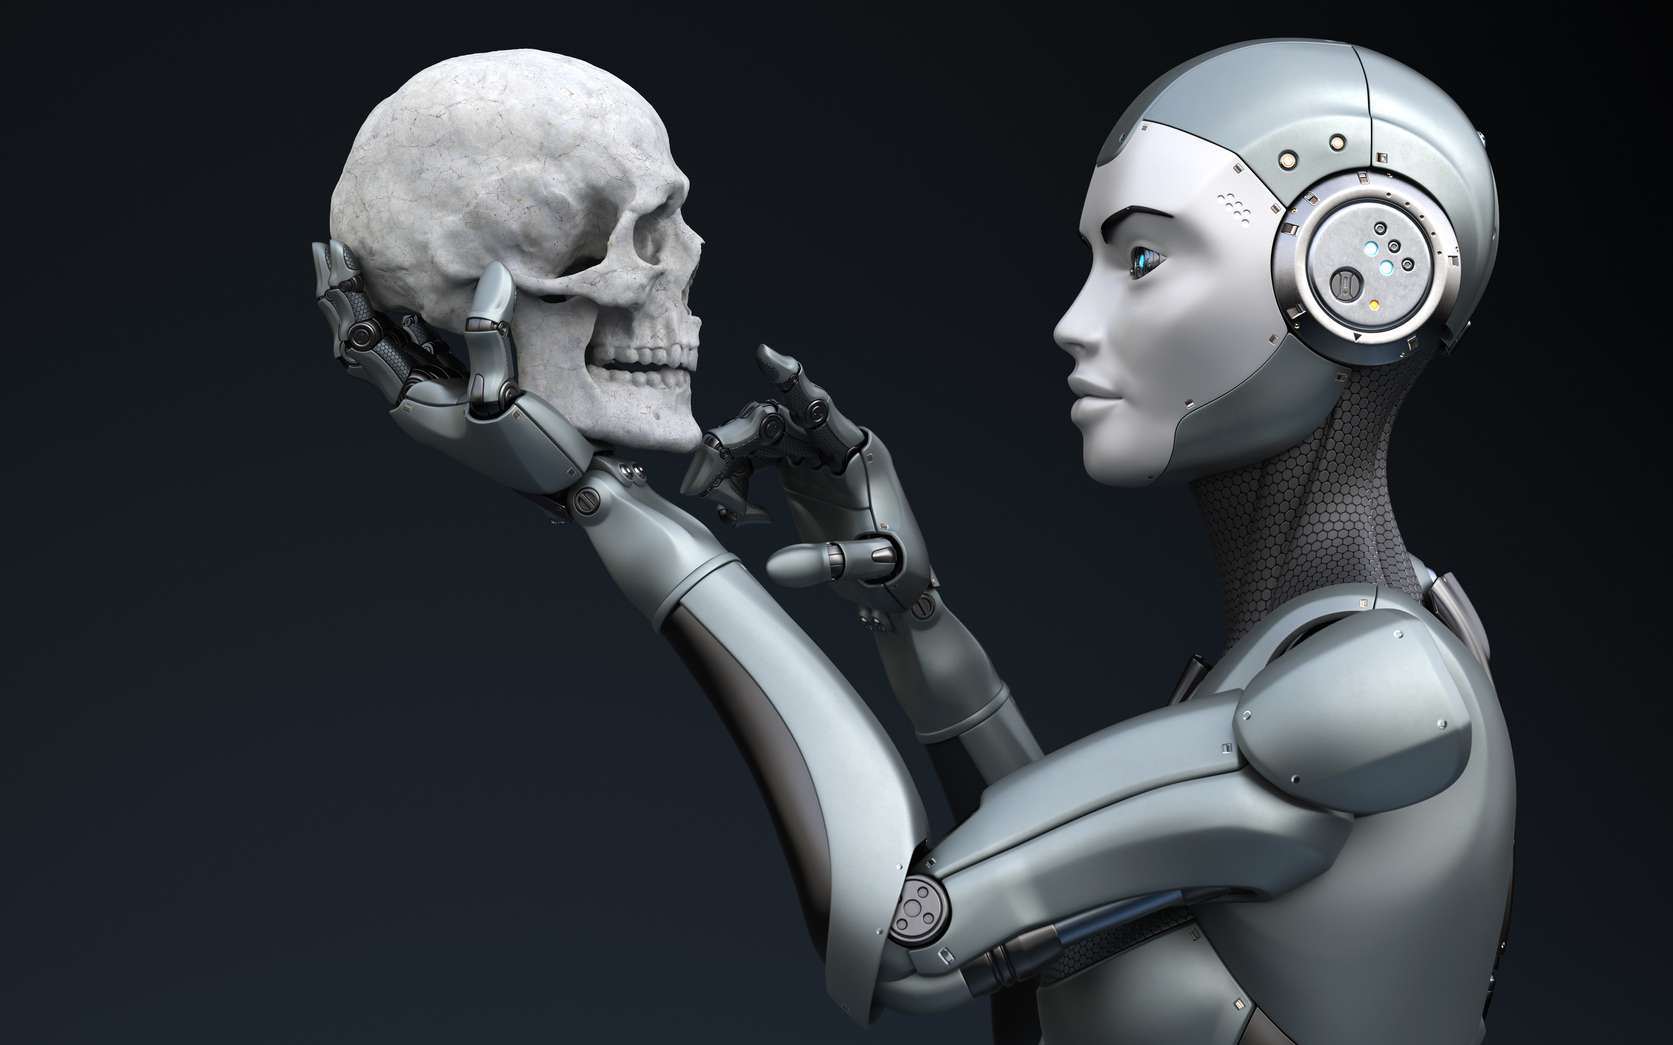 Les robots ont pour principe de ne jamais blesser un humain. Mais quelle est la définition exacte d'un être humain ? © Tatiana Shepeleva, Fotolia